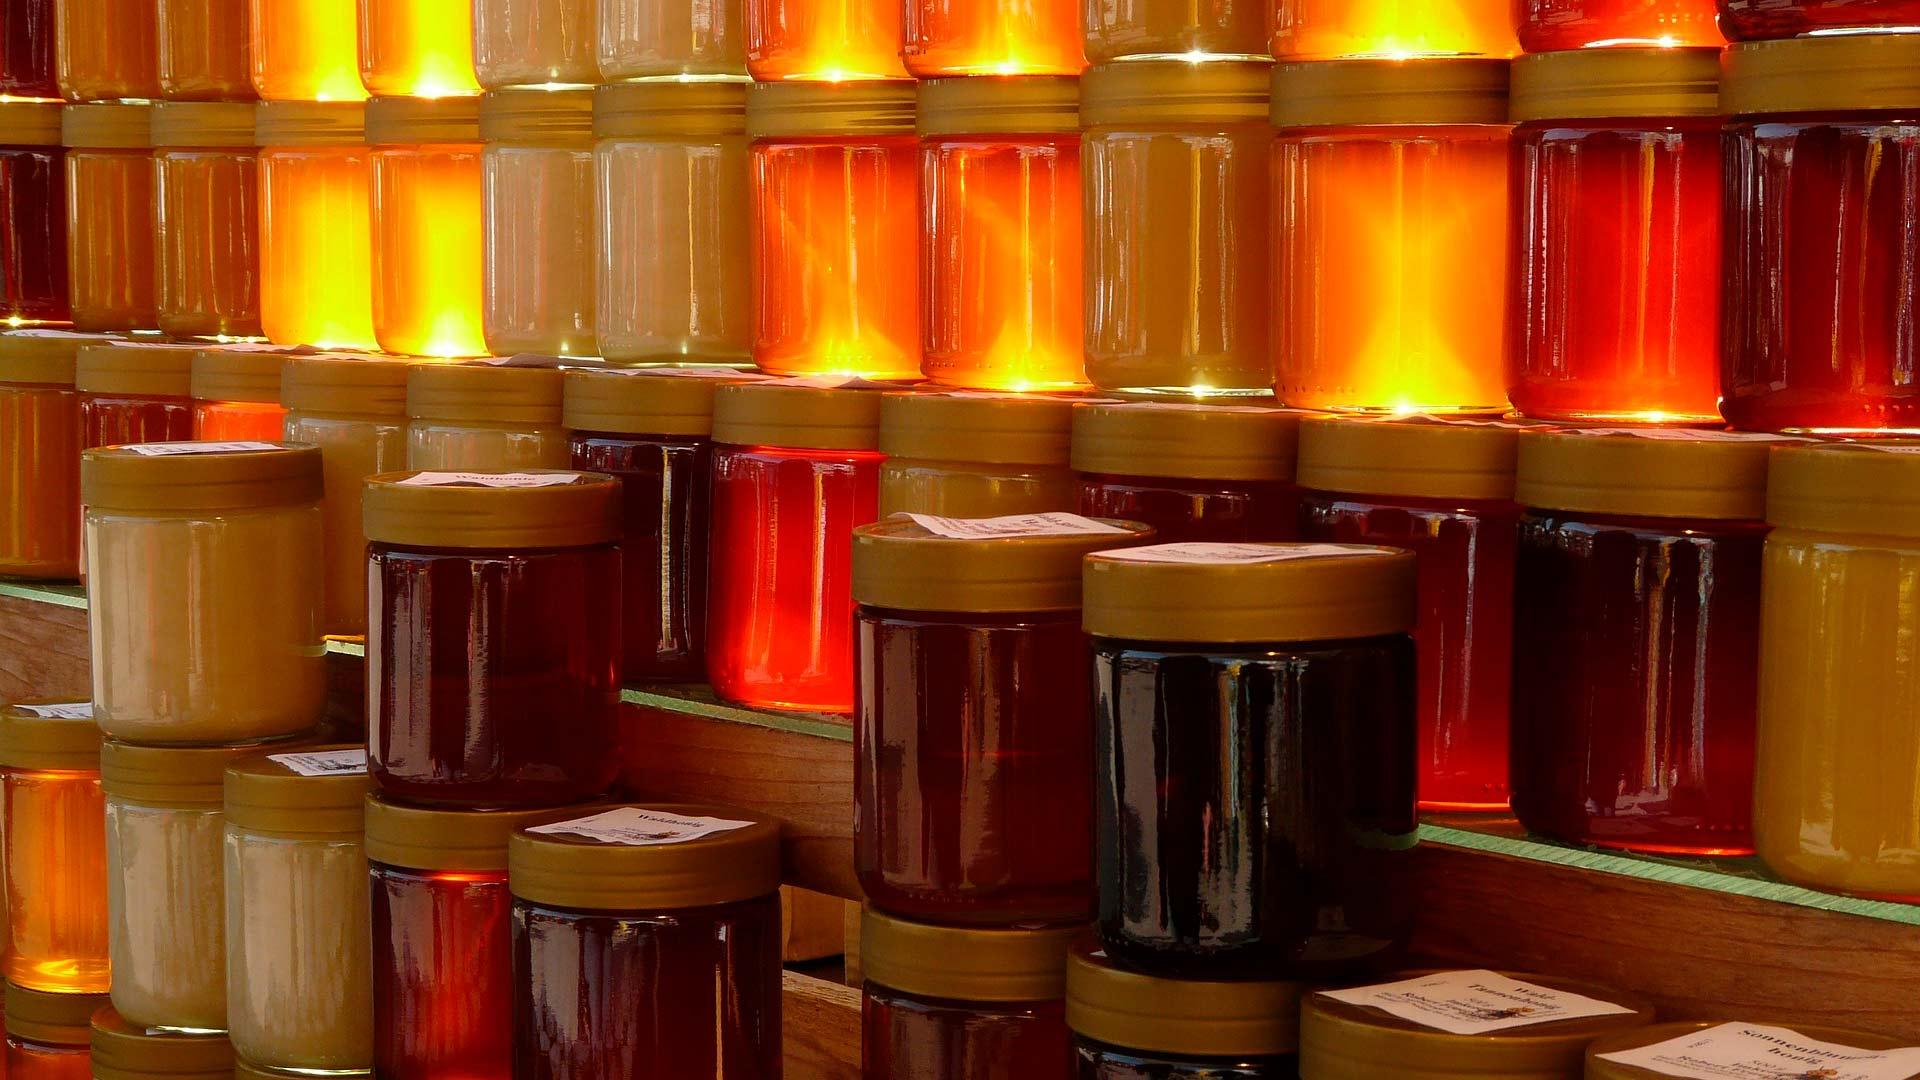 Какие документы нужны для продажи меда в Украине 2019?